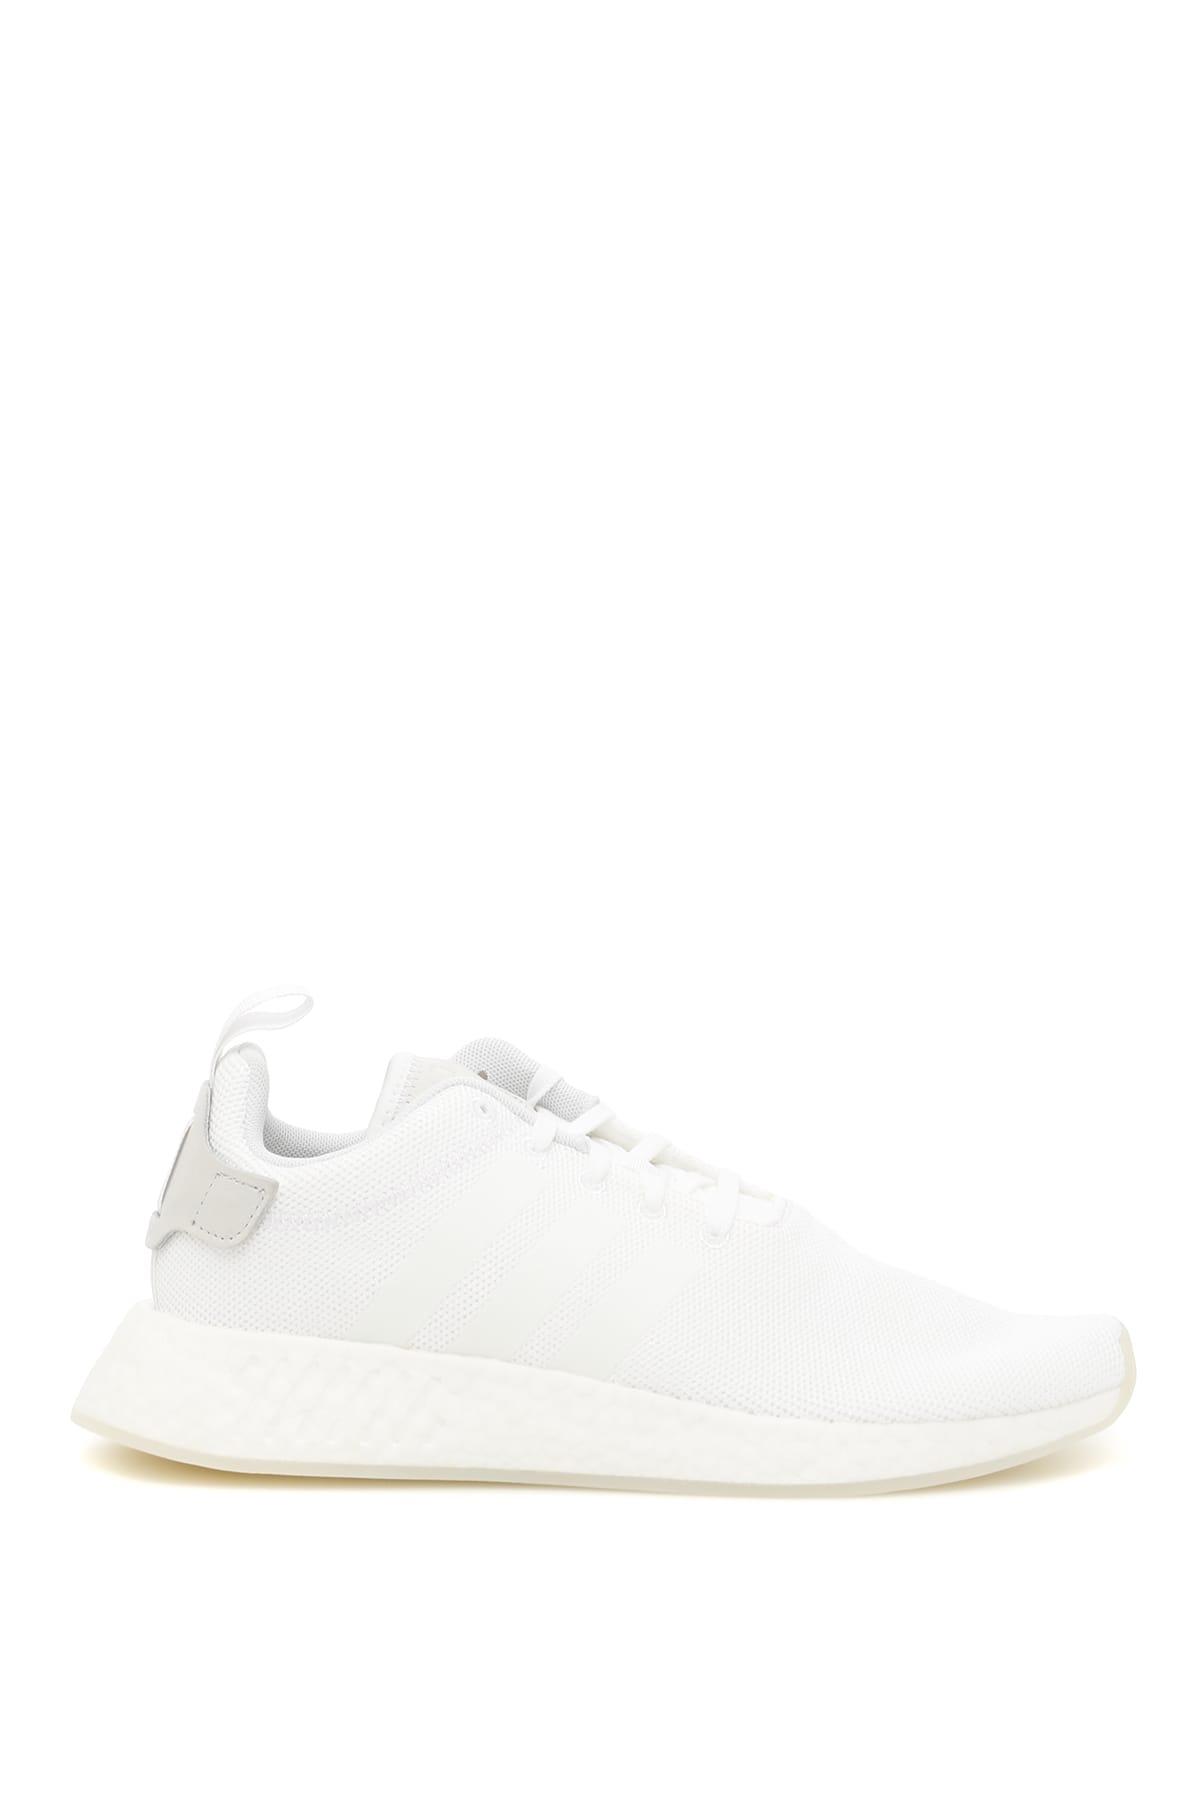 buy popular ba322 2f000 Adidas Nmd R2 Originals Sneakers